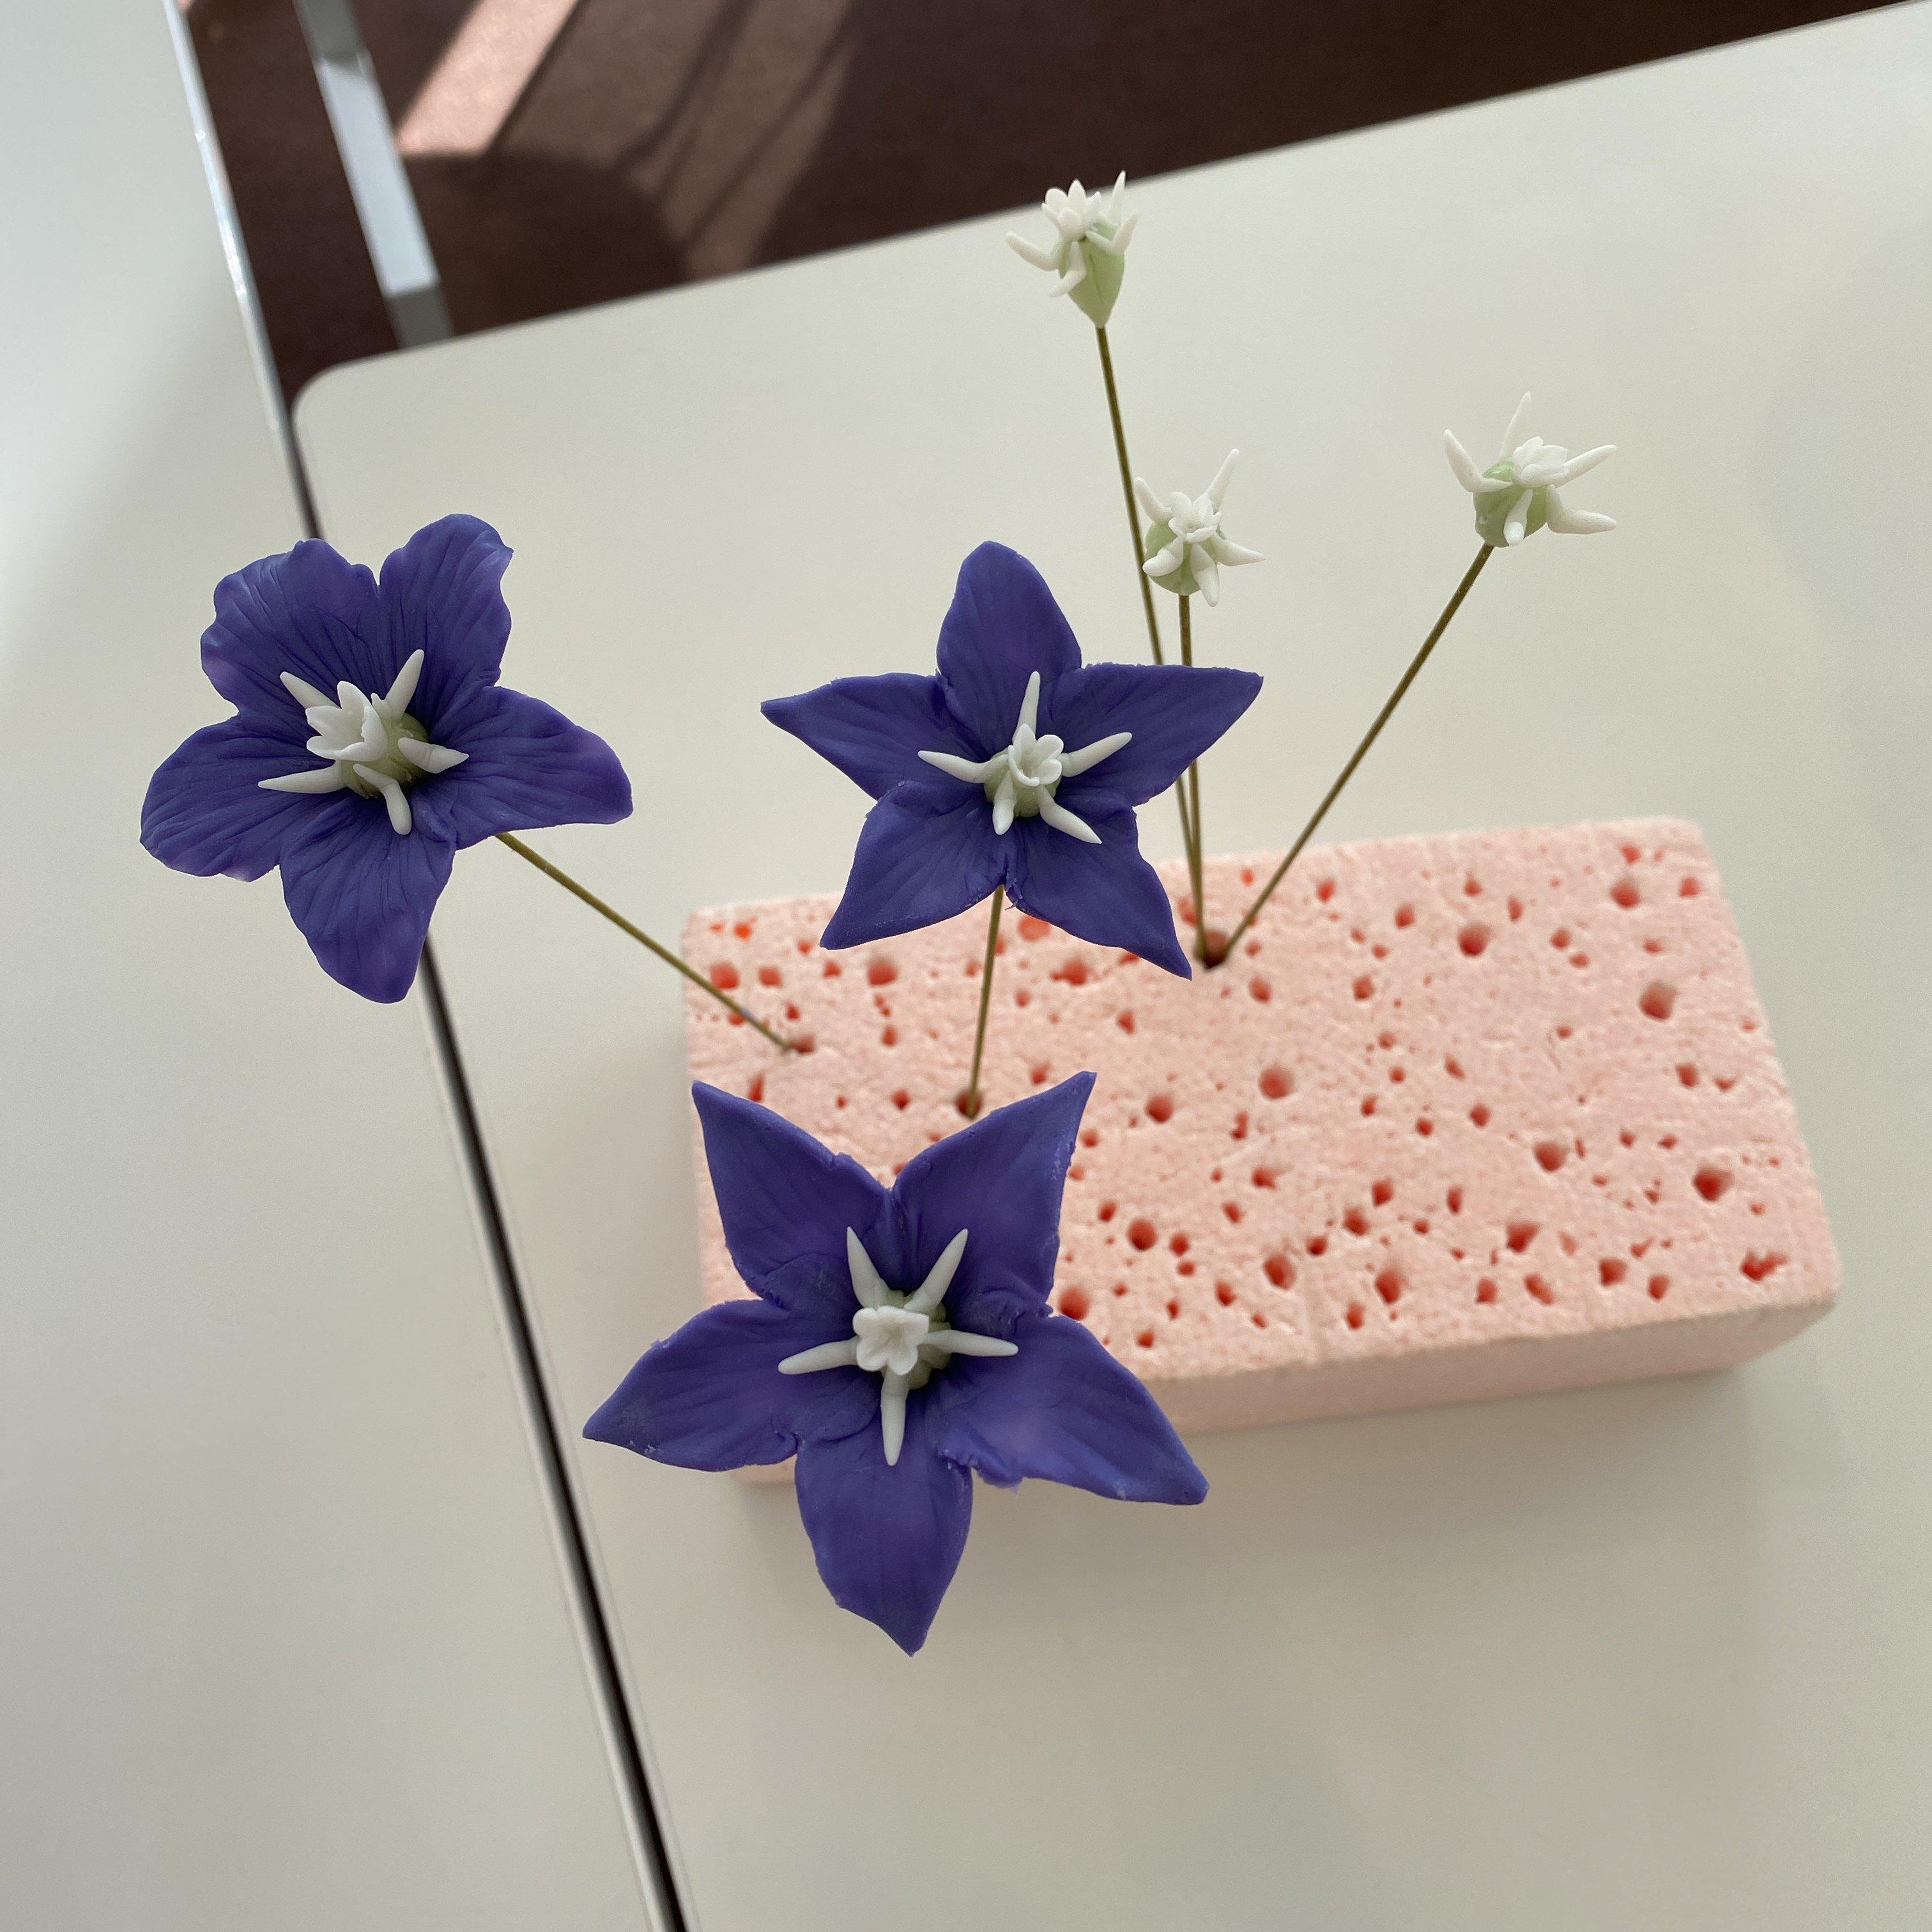 ハンドメイド/クレイフラワー(粘土で作ったお花)/キキョウ